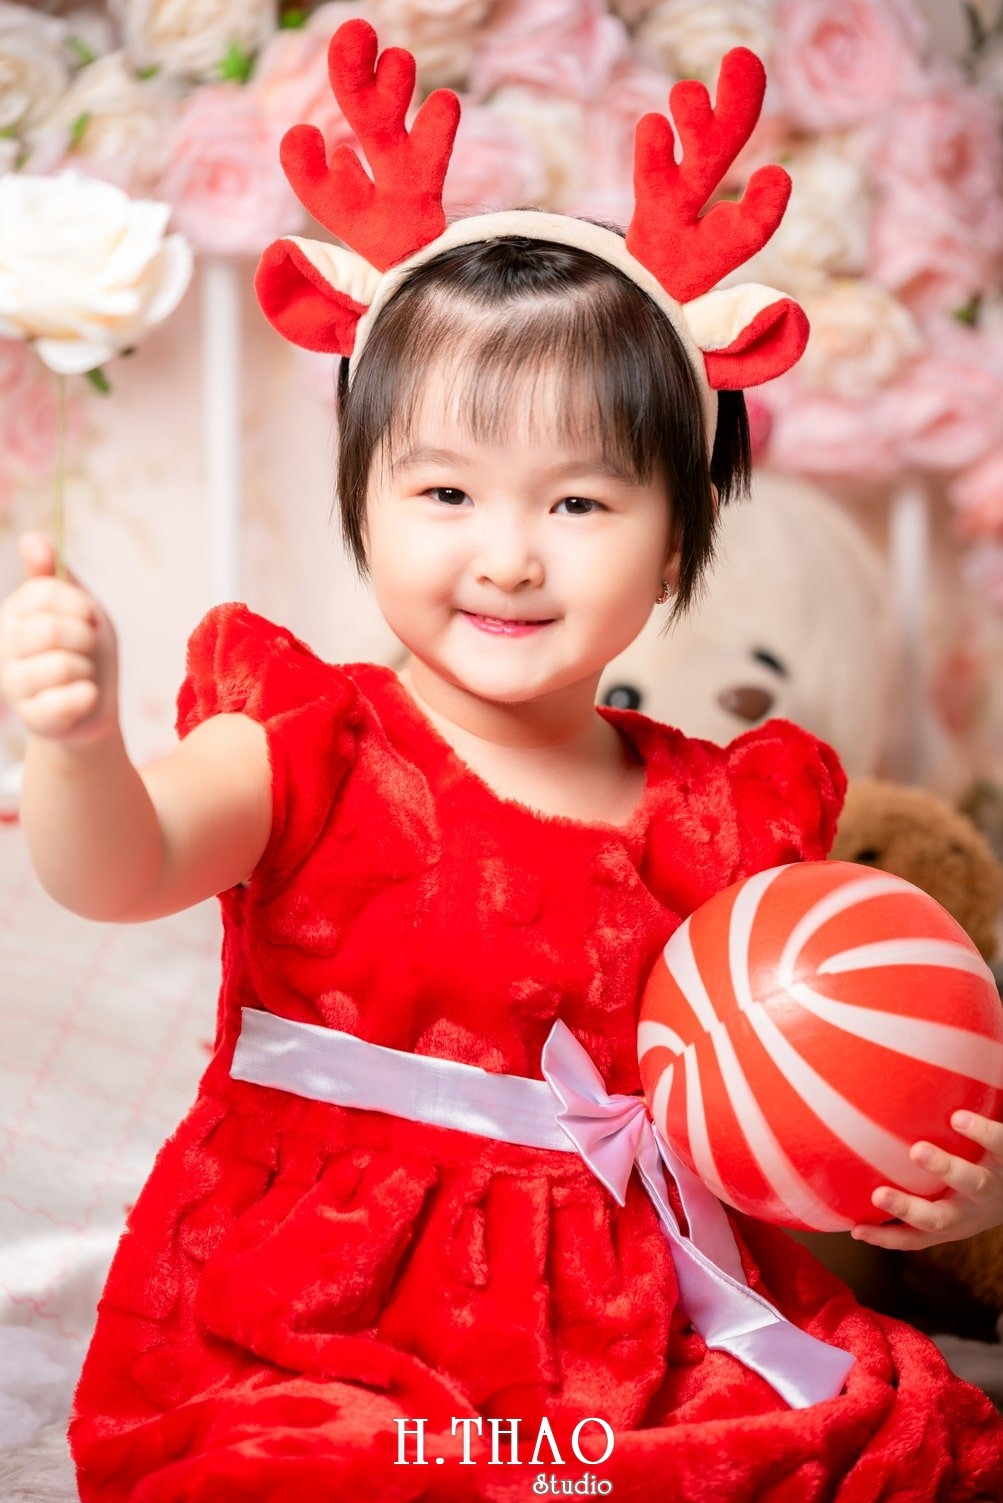 Anh be noel 7 - Album ảnh noel chụp cho con gái cưng chị Linh - HThao Studio